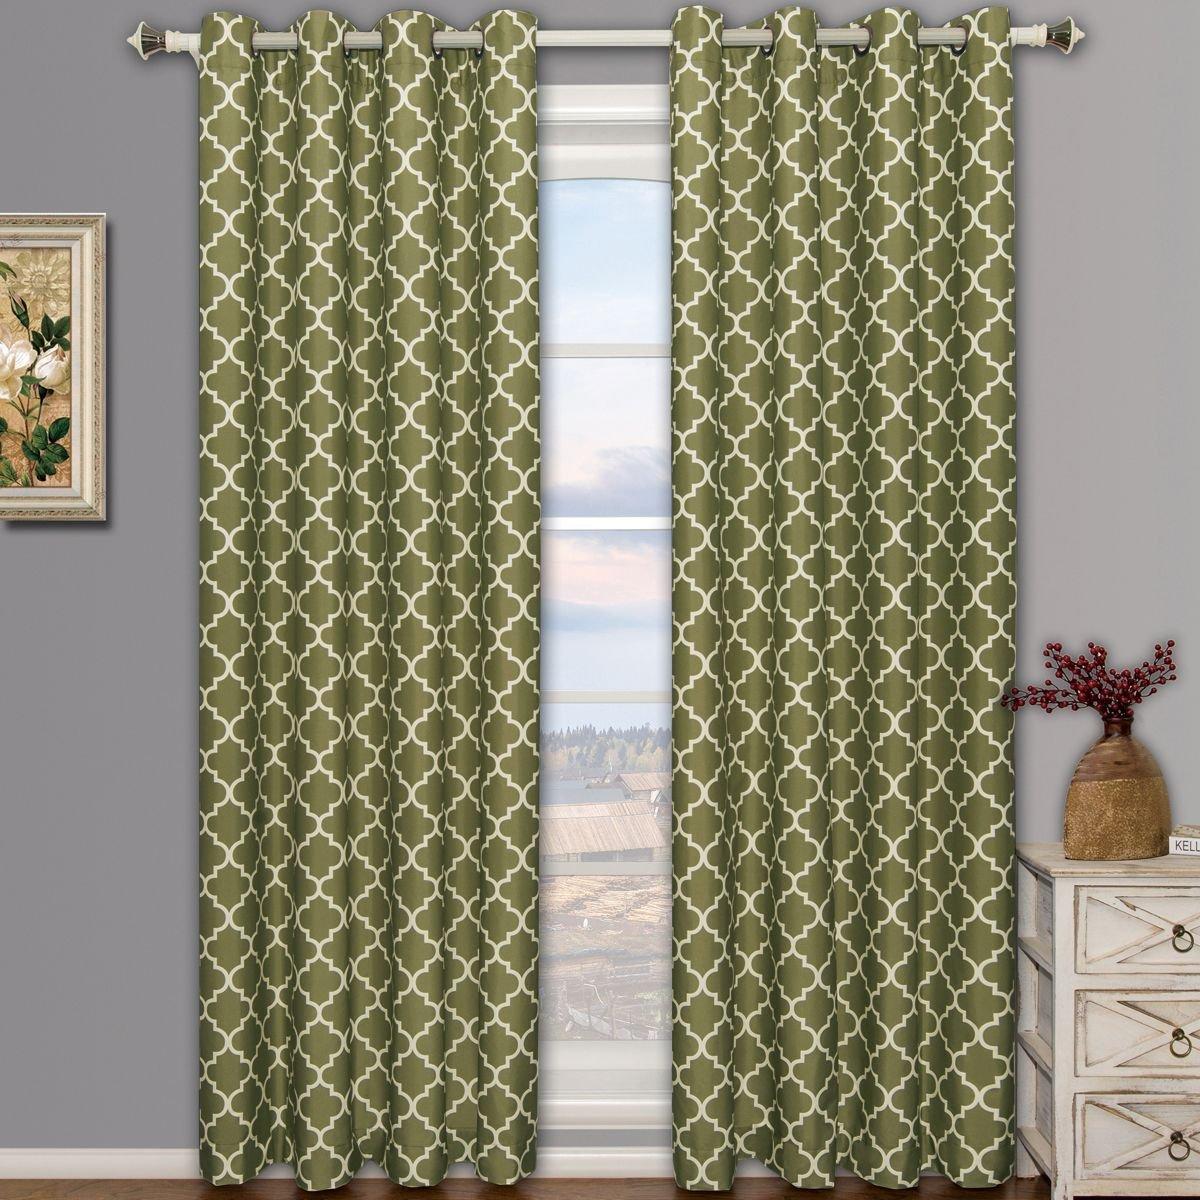 Meridian Green Grommet Room Darkening Window Curtain Panels, Pair / Set of 2 Panels